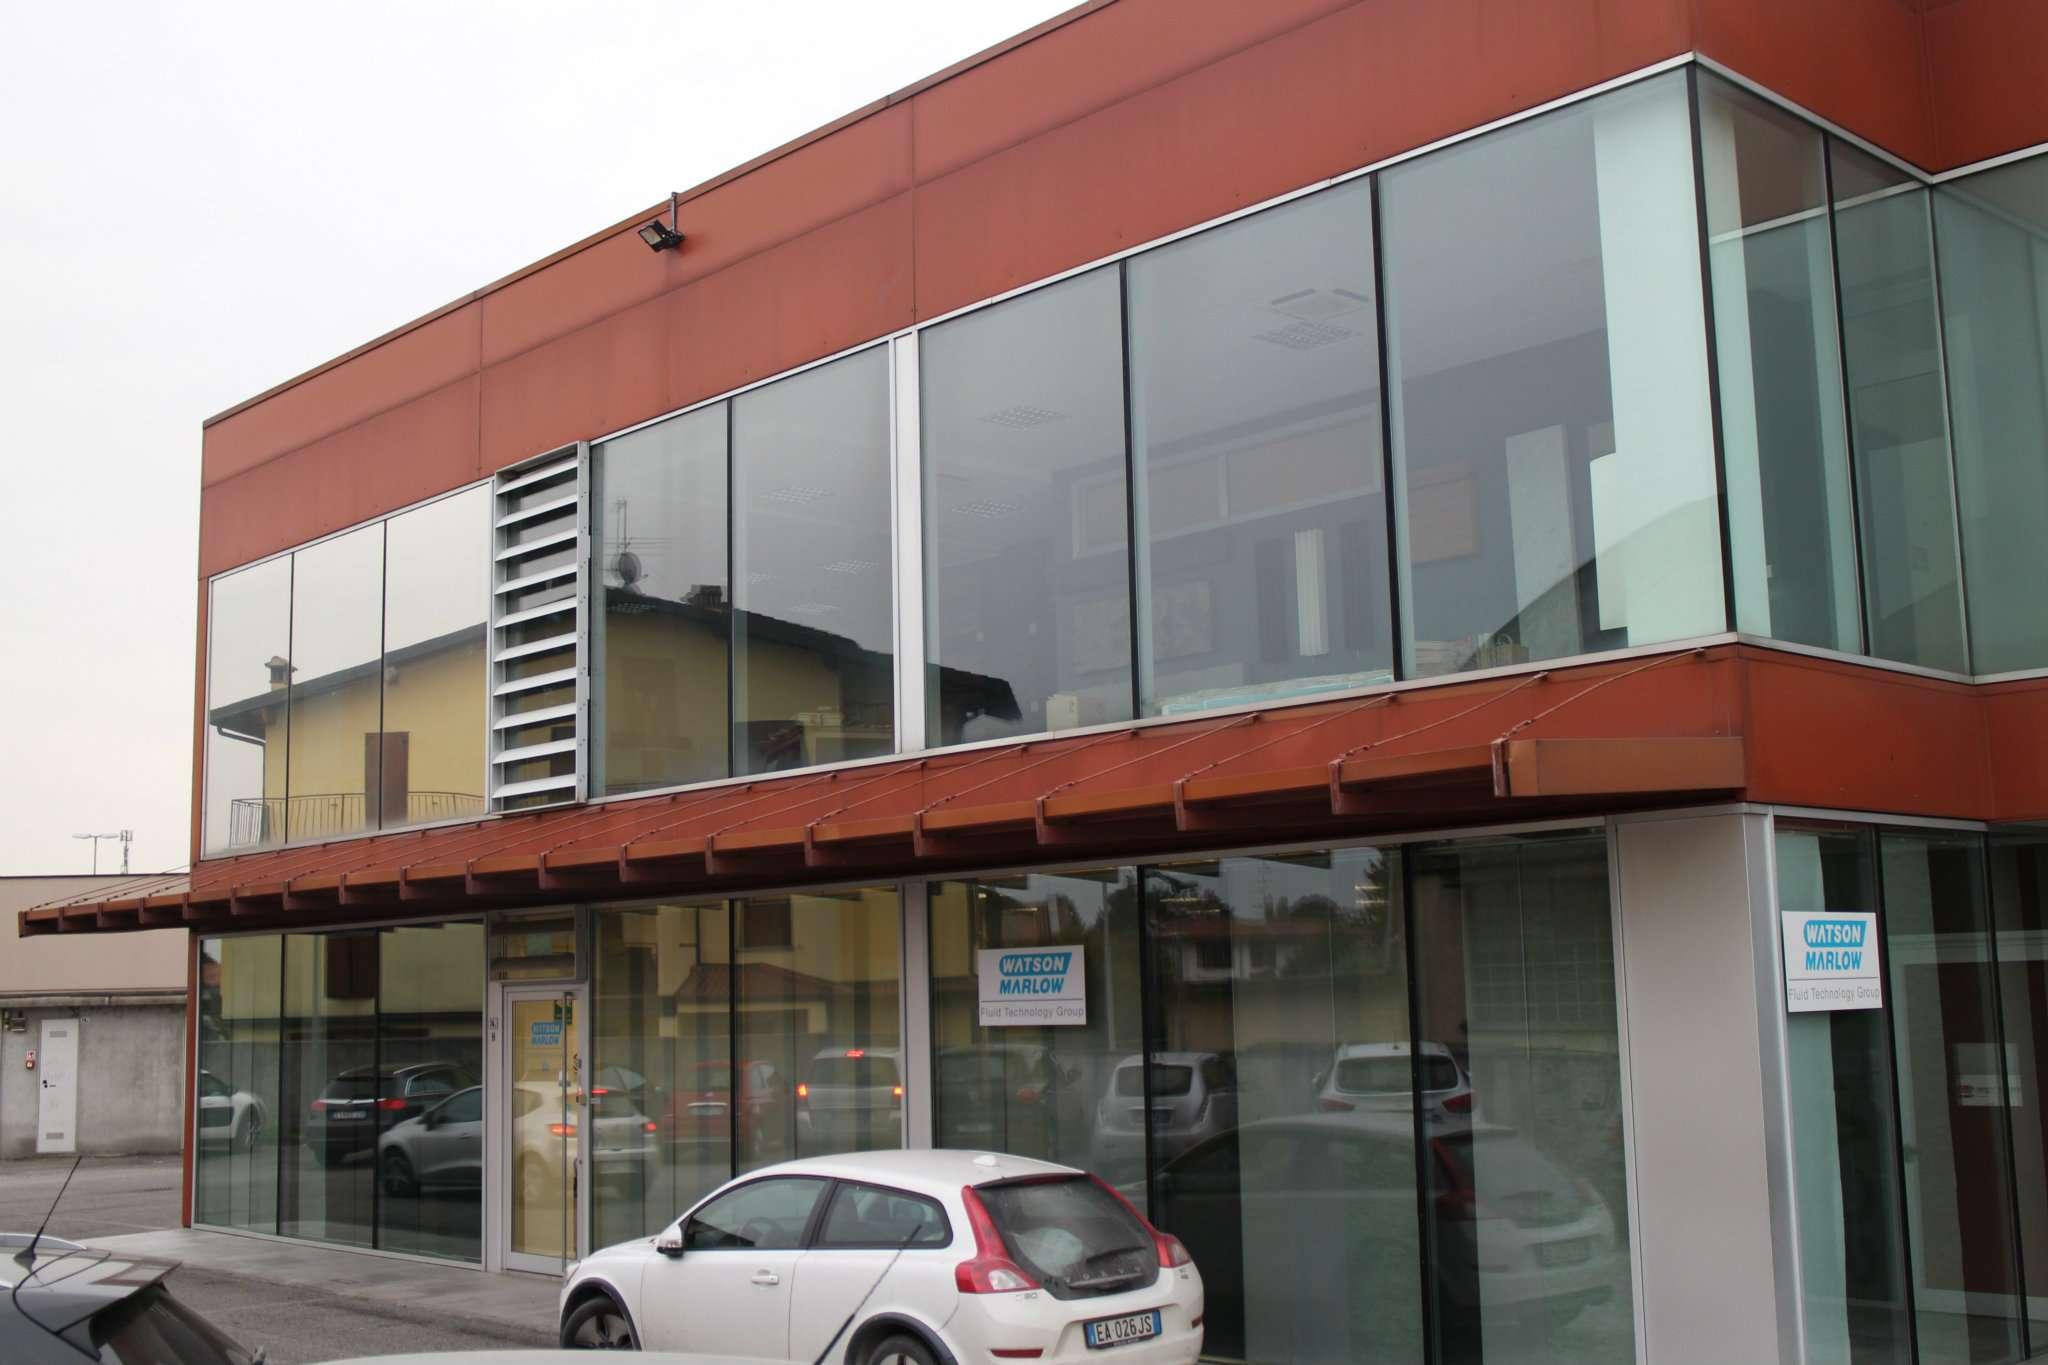 Negozio / Locale in affitto a Mazzano, 1 locali, prezzo € 800 | CambioCasa.it